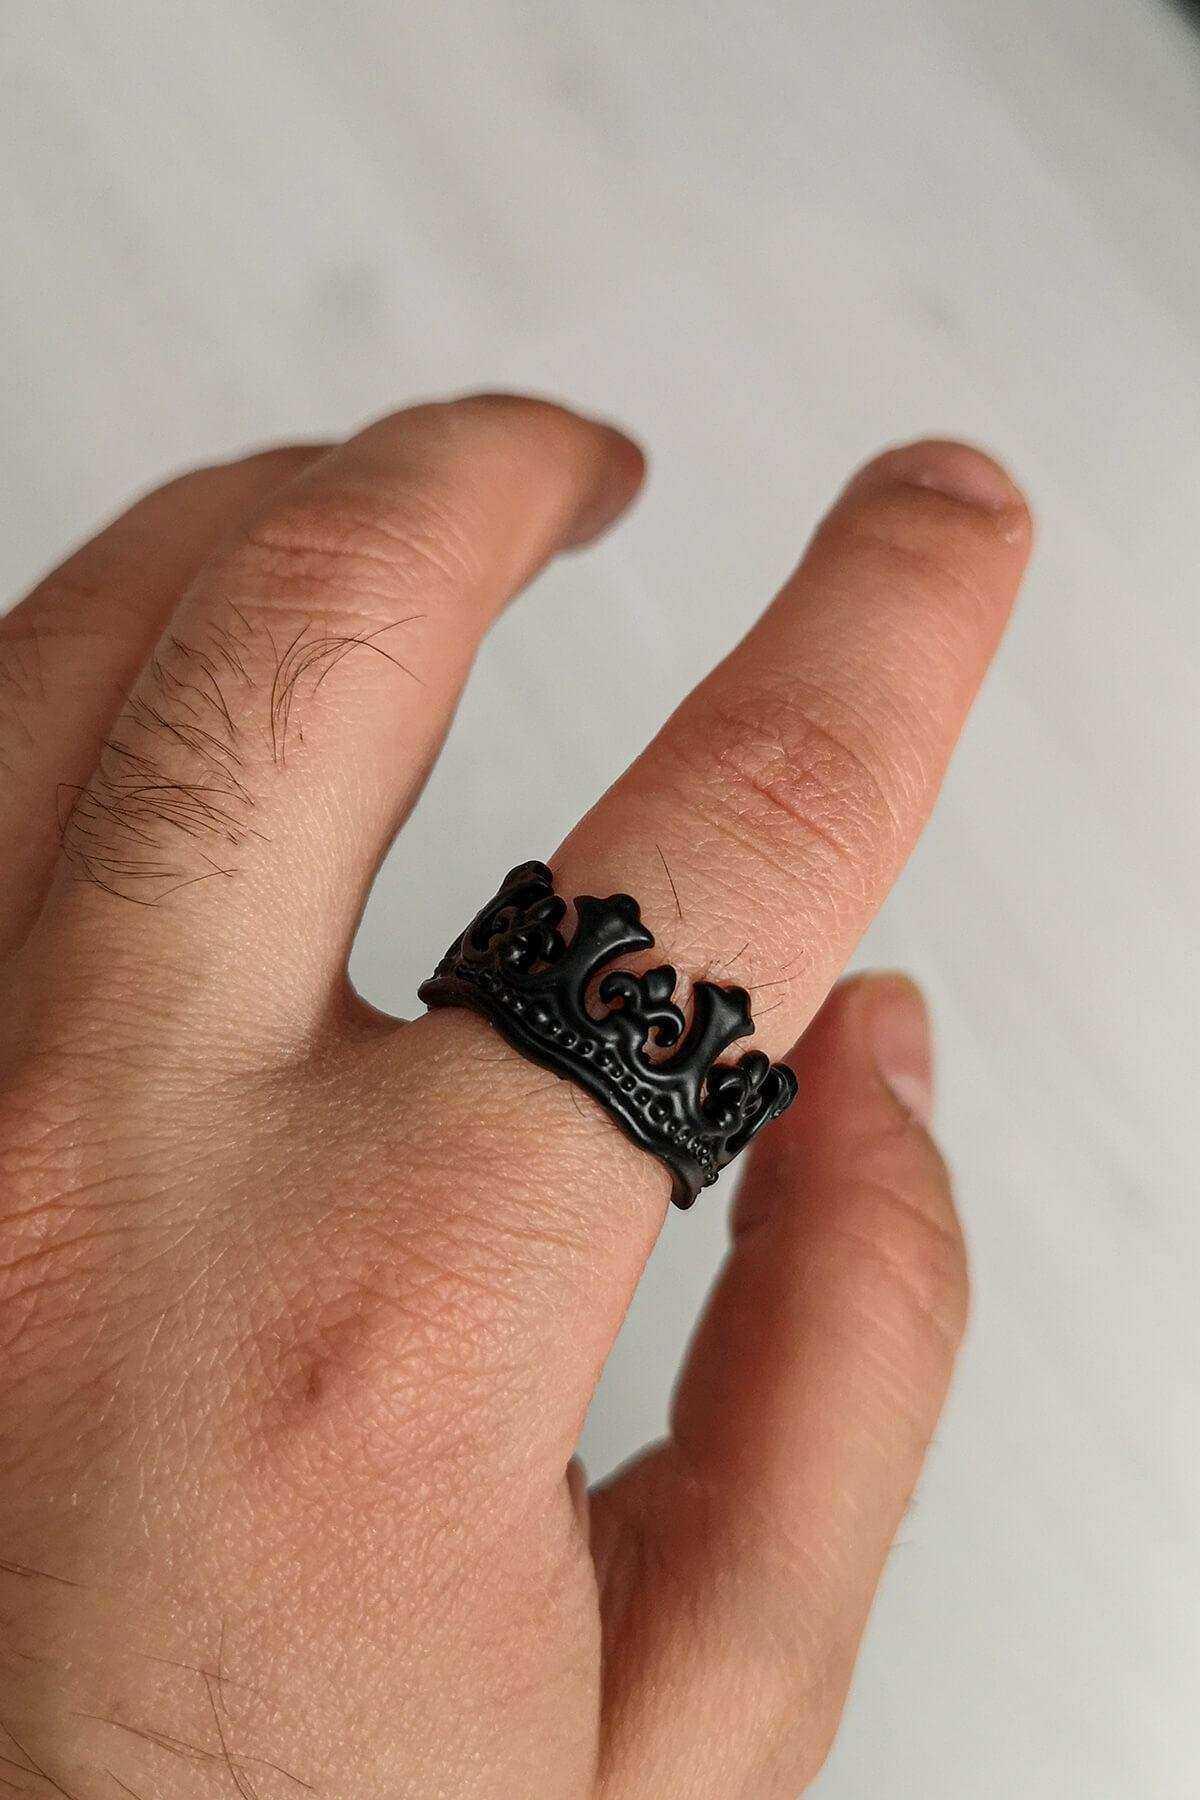 Mat Siyah Unisex Kral Kraliçe Ayarlanabilir Kraliyet Tacı Yüzük - YÜZ0235